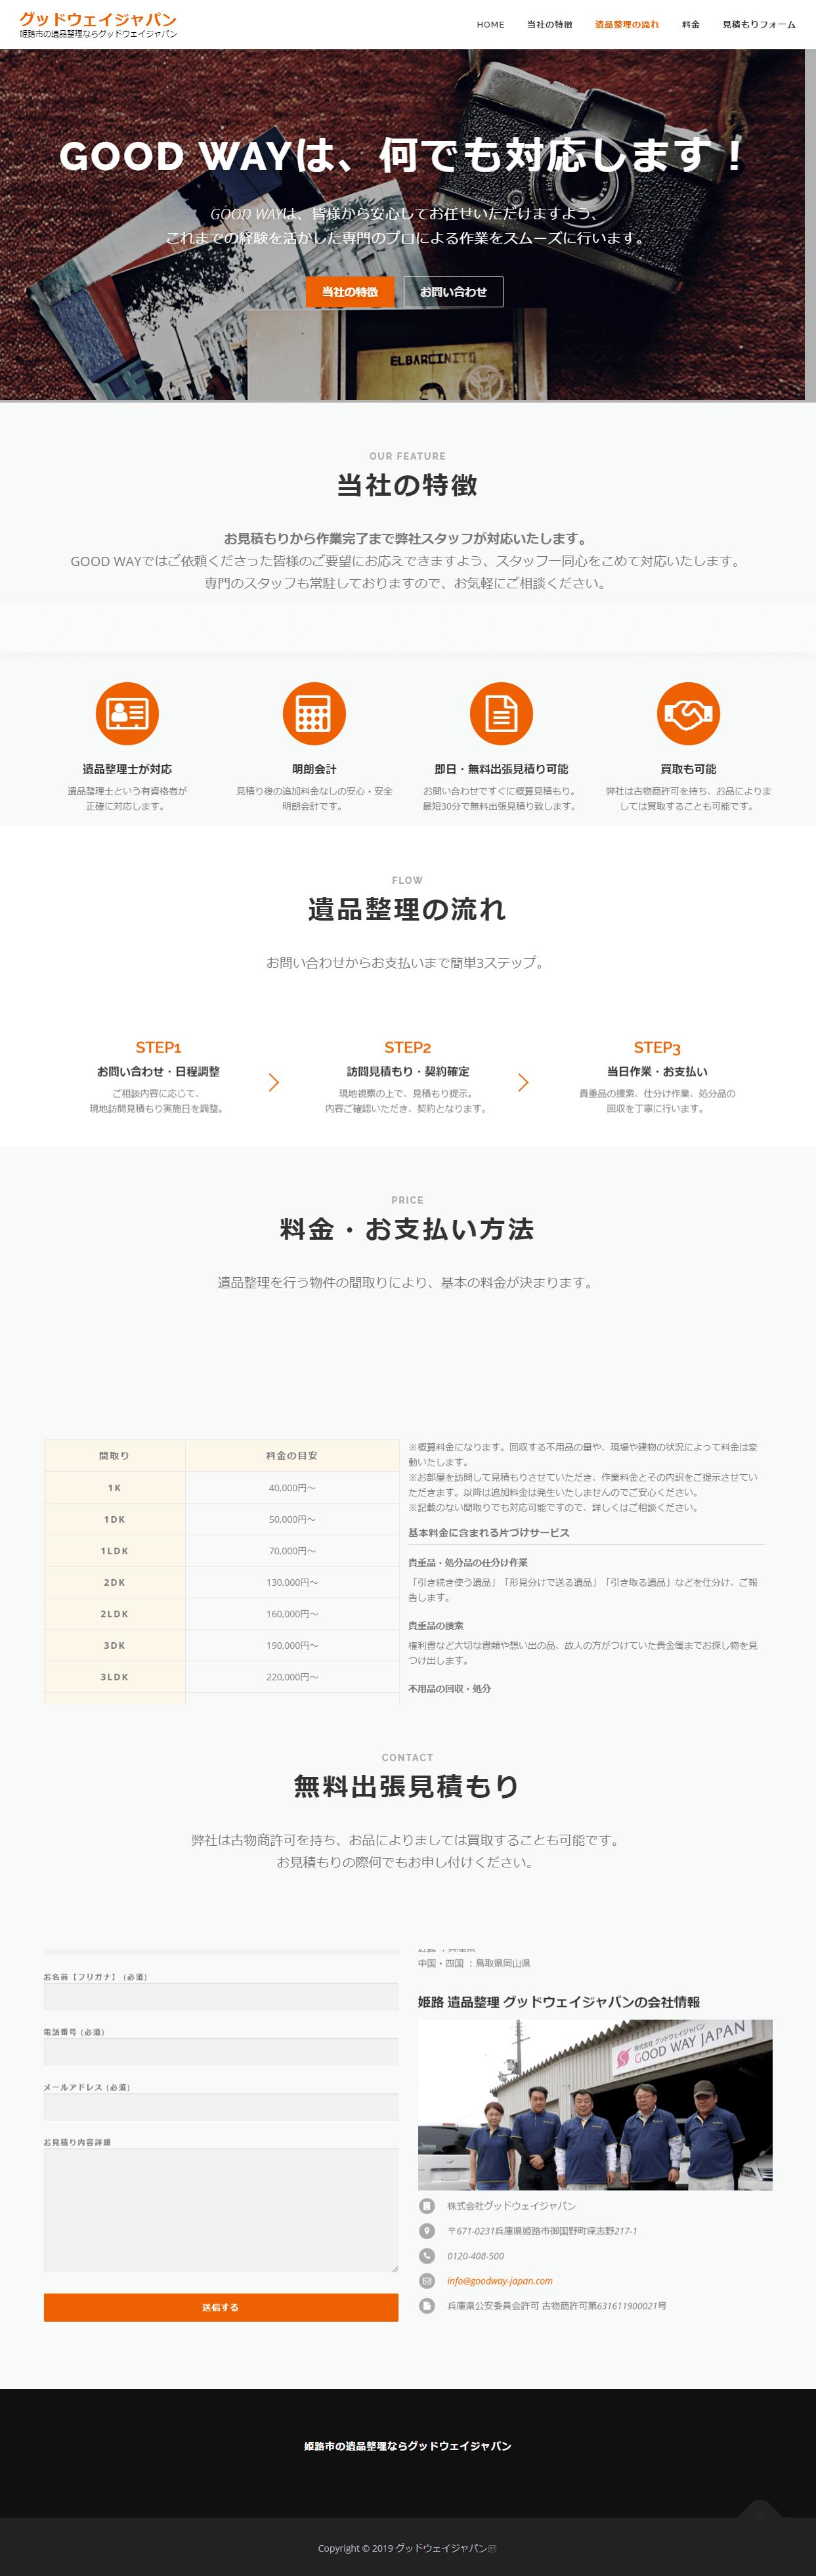 姫路市 グッドウェイジャパン ホームページ制作1